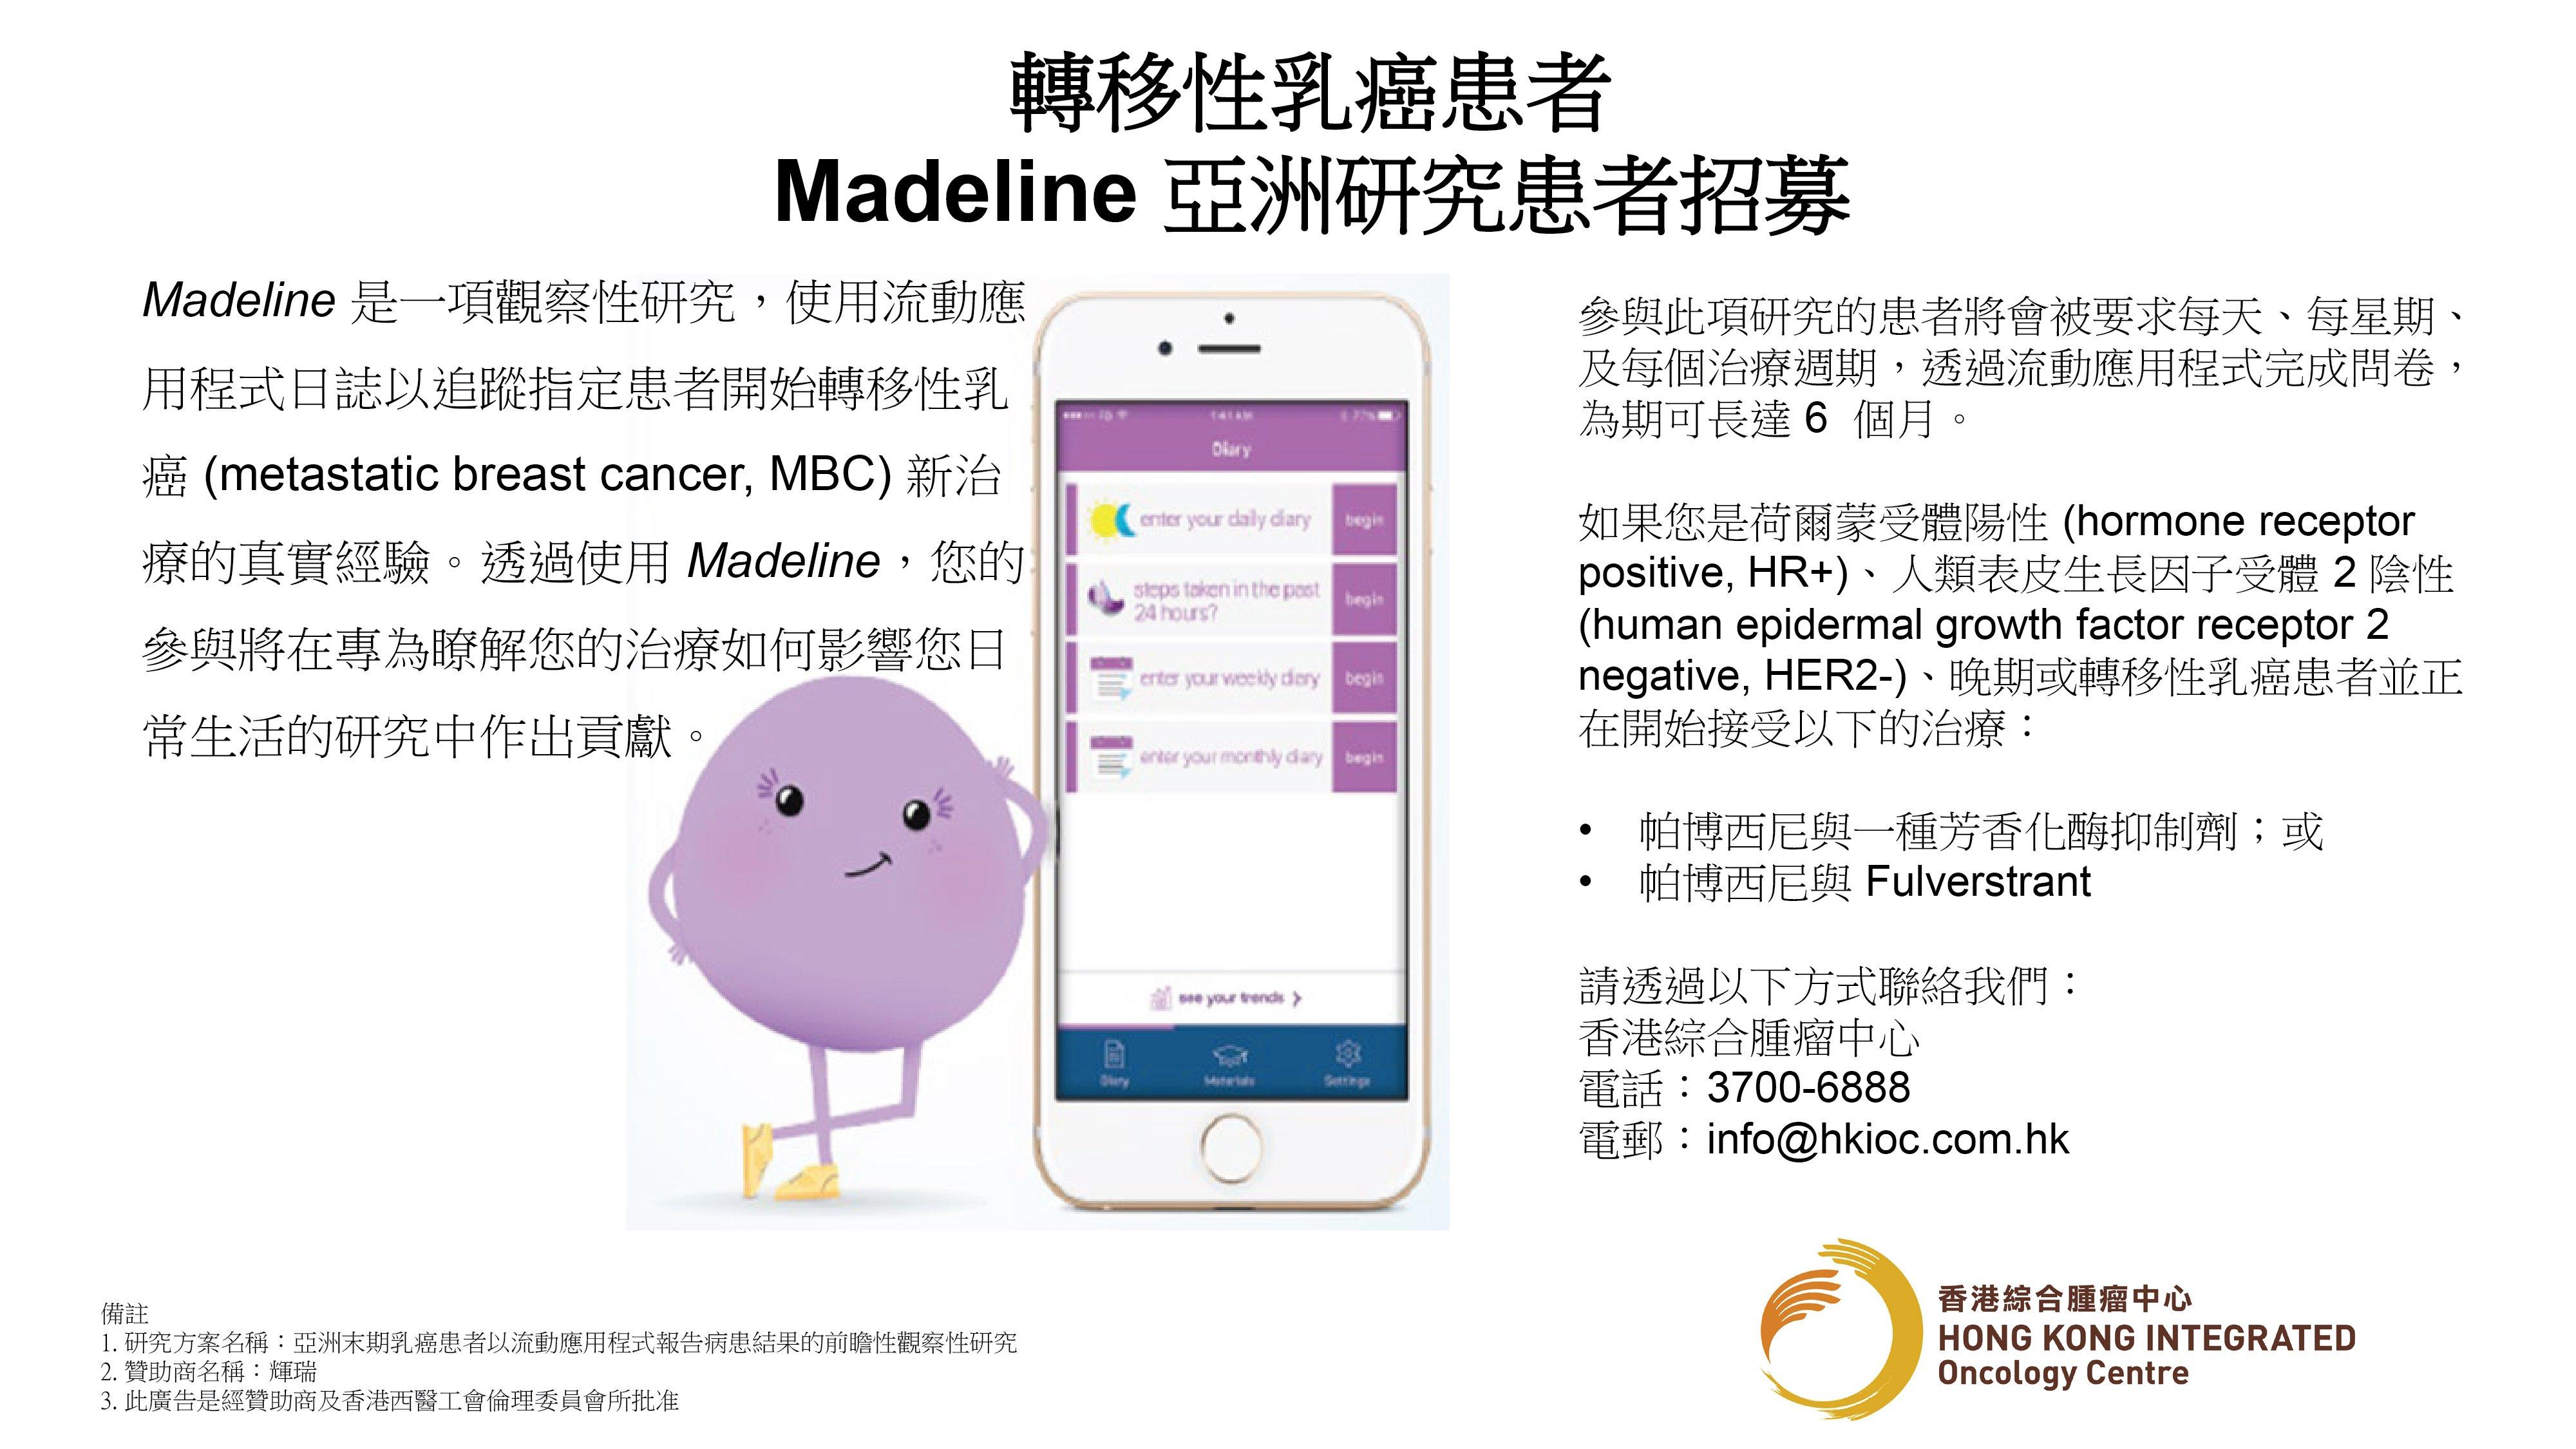 轉移性乳癌患者 Madeline 亞洲研究患者招募